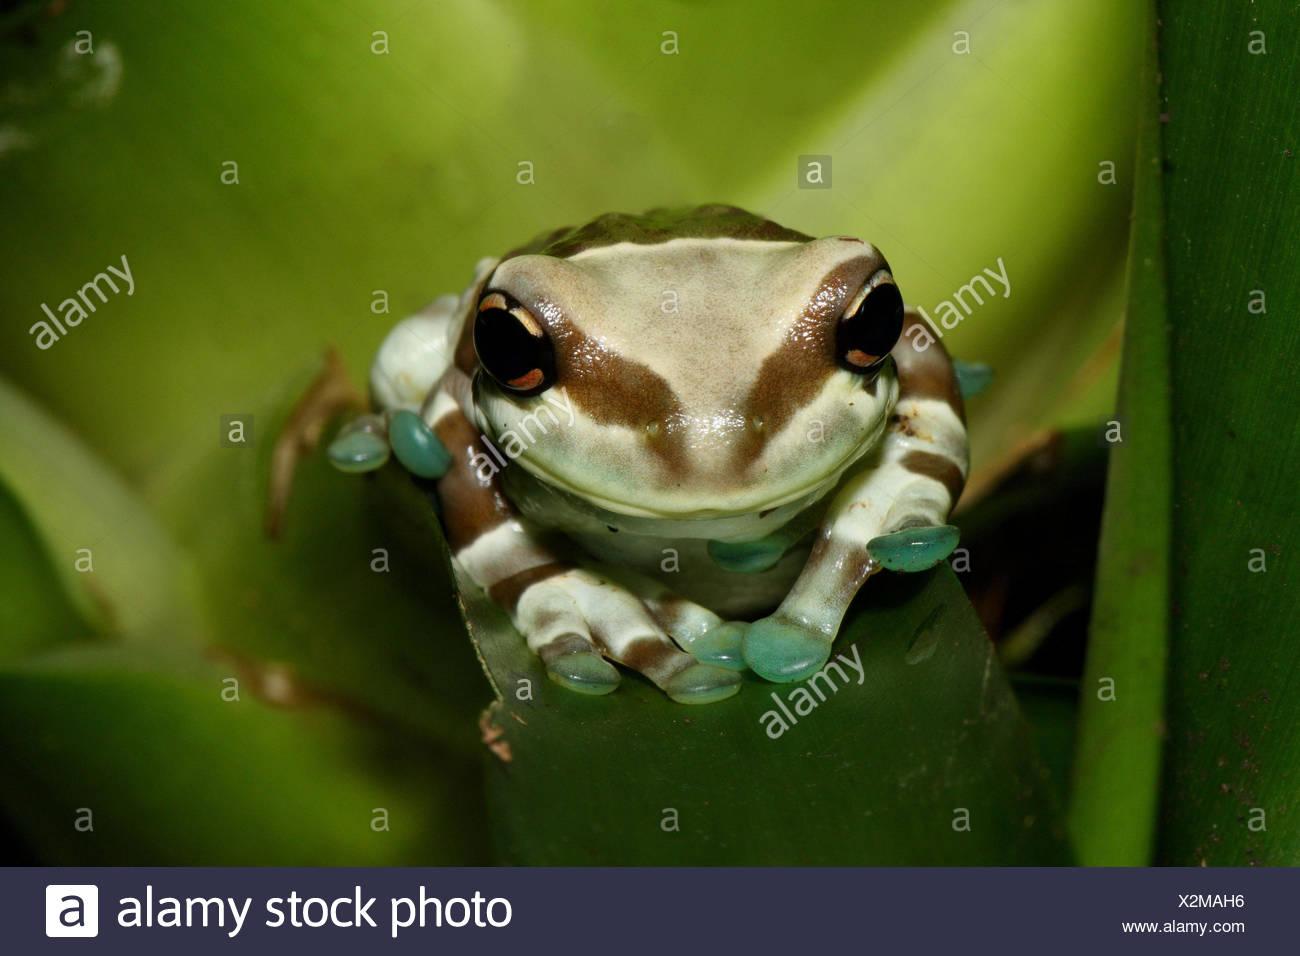 Rospo Rana Fogliame, foglie, sedersi, ritratto, tree box-Rospo Rana fogliame, rana, fogliame frog, rana anfibio anfibio animale selvatico, animale, la natura, il verde, il Brasile, l'Amazzonia, regione amazzonica, foresta pluviale, animale ritratto, Immagini Stock